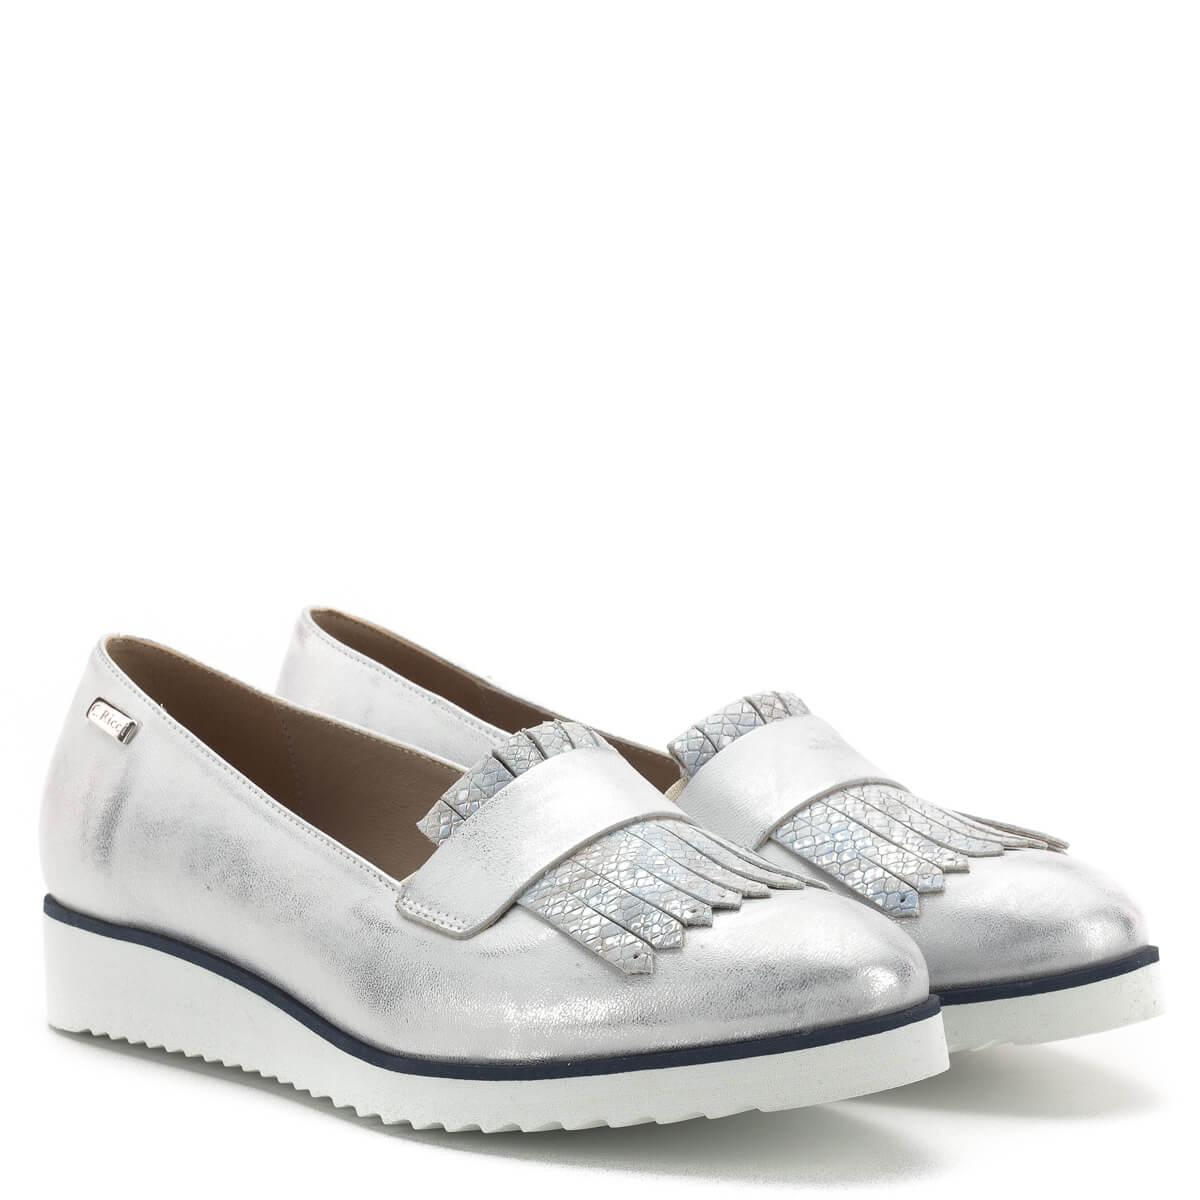 2025681a71 A cipő anyaga; Carla Ricci cipő, fémesen csillogó ezüst színben, sarka  enyhén emelt.